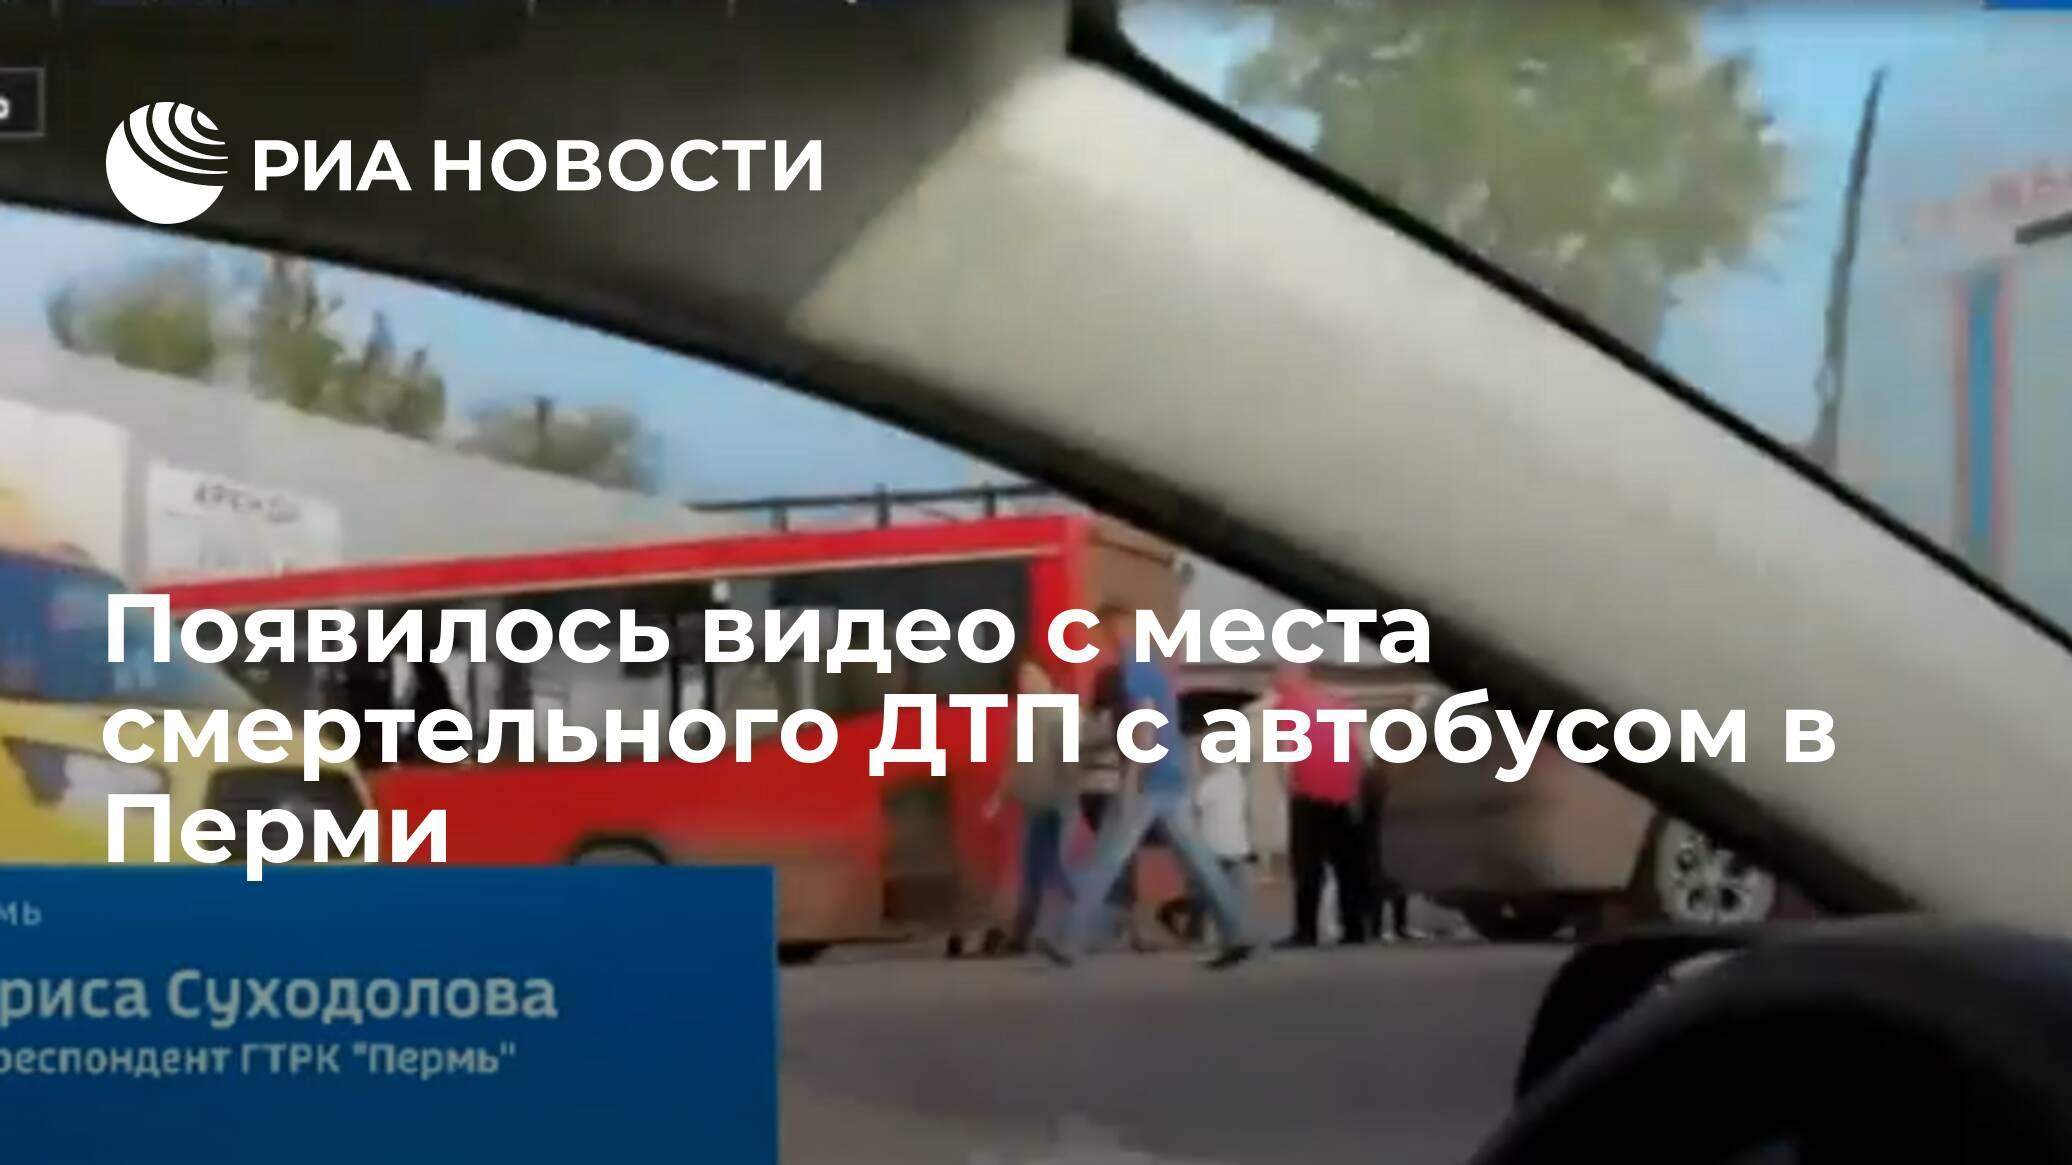 Появилось видео с места смертельного ДТП с автобусом в Перми